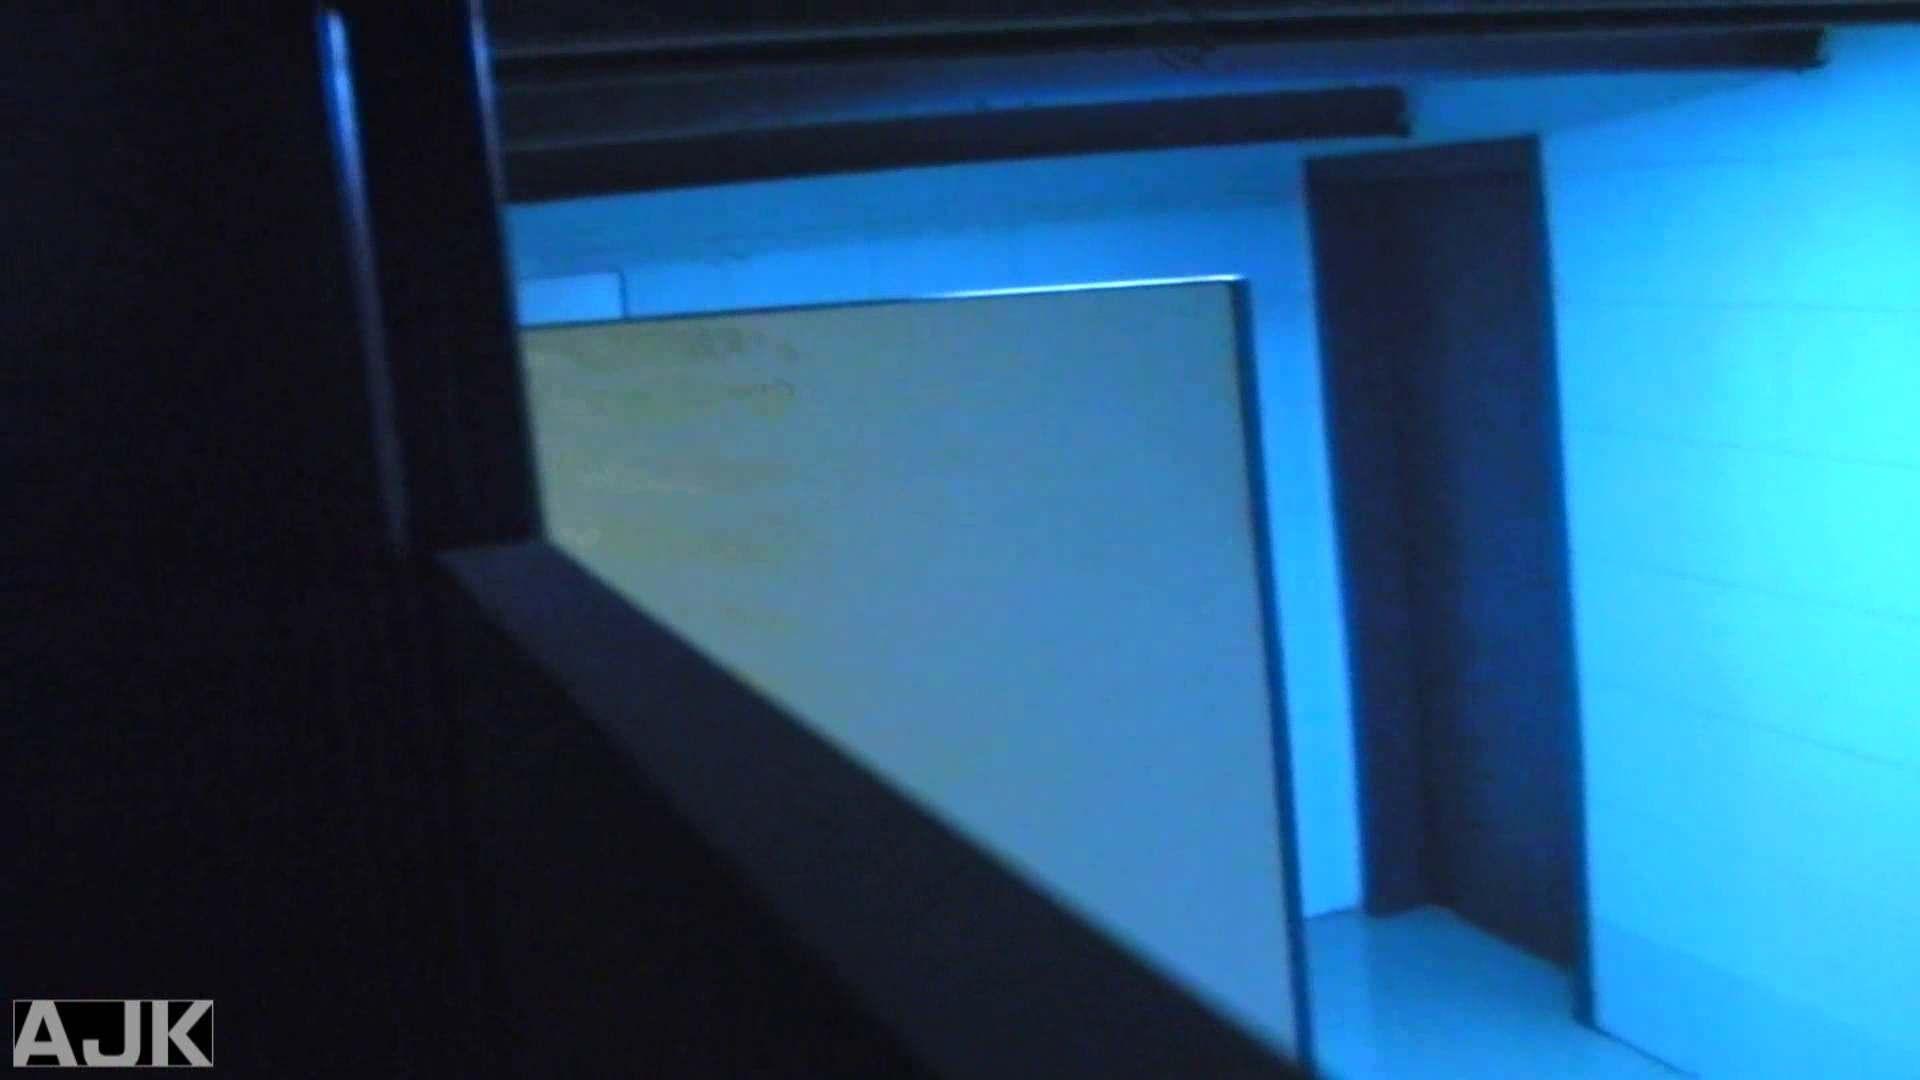 隣国上階級エリアの令嬢たちが集うデパートお手洗い Vol.24 盗撮・必見 オメコ無修正動画無料 82画像 58